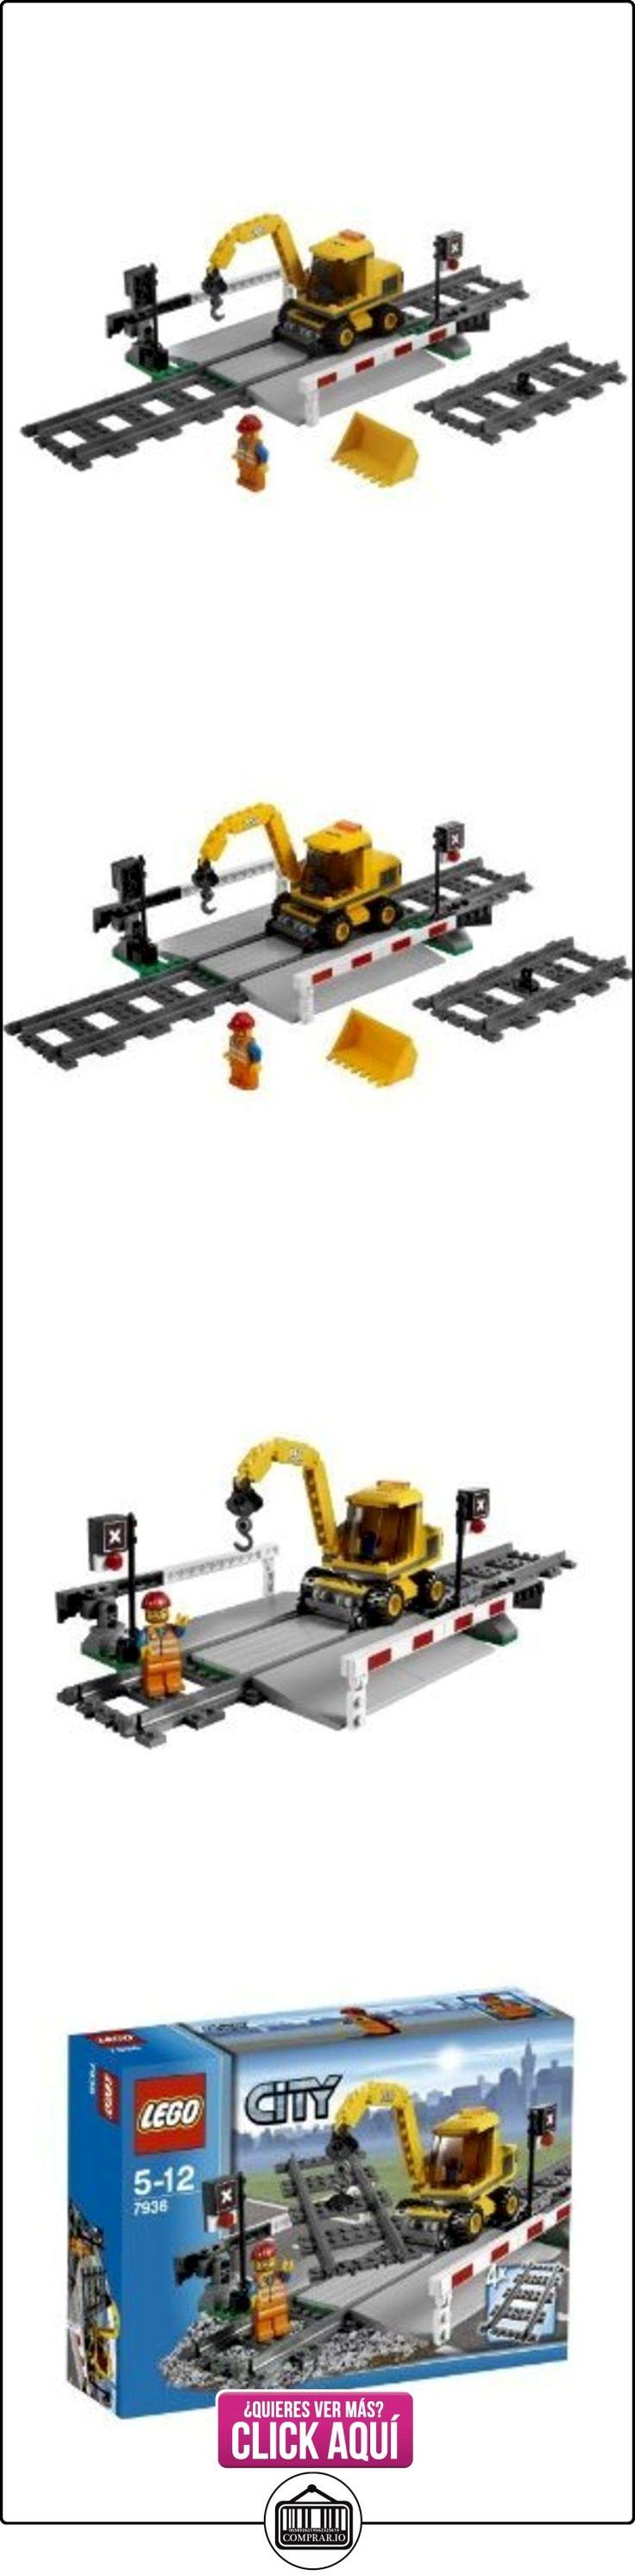 Lego LEGO City 7936 level crossing [parallel import goods] (japan import)  ✿ Lego - el surtido más amplio ✿ ▬► Ver oferta: https://comprar.io/goto/B00AQUVI78